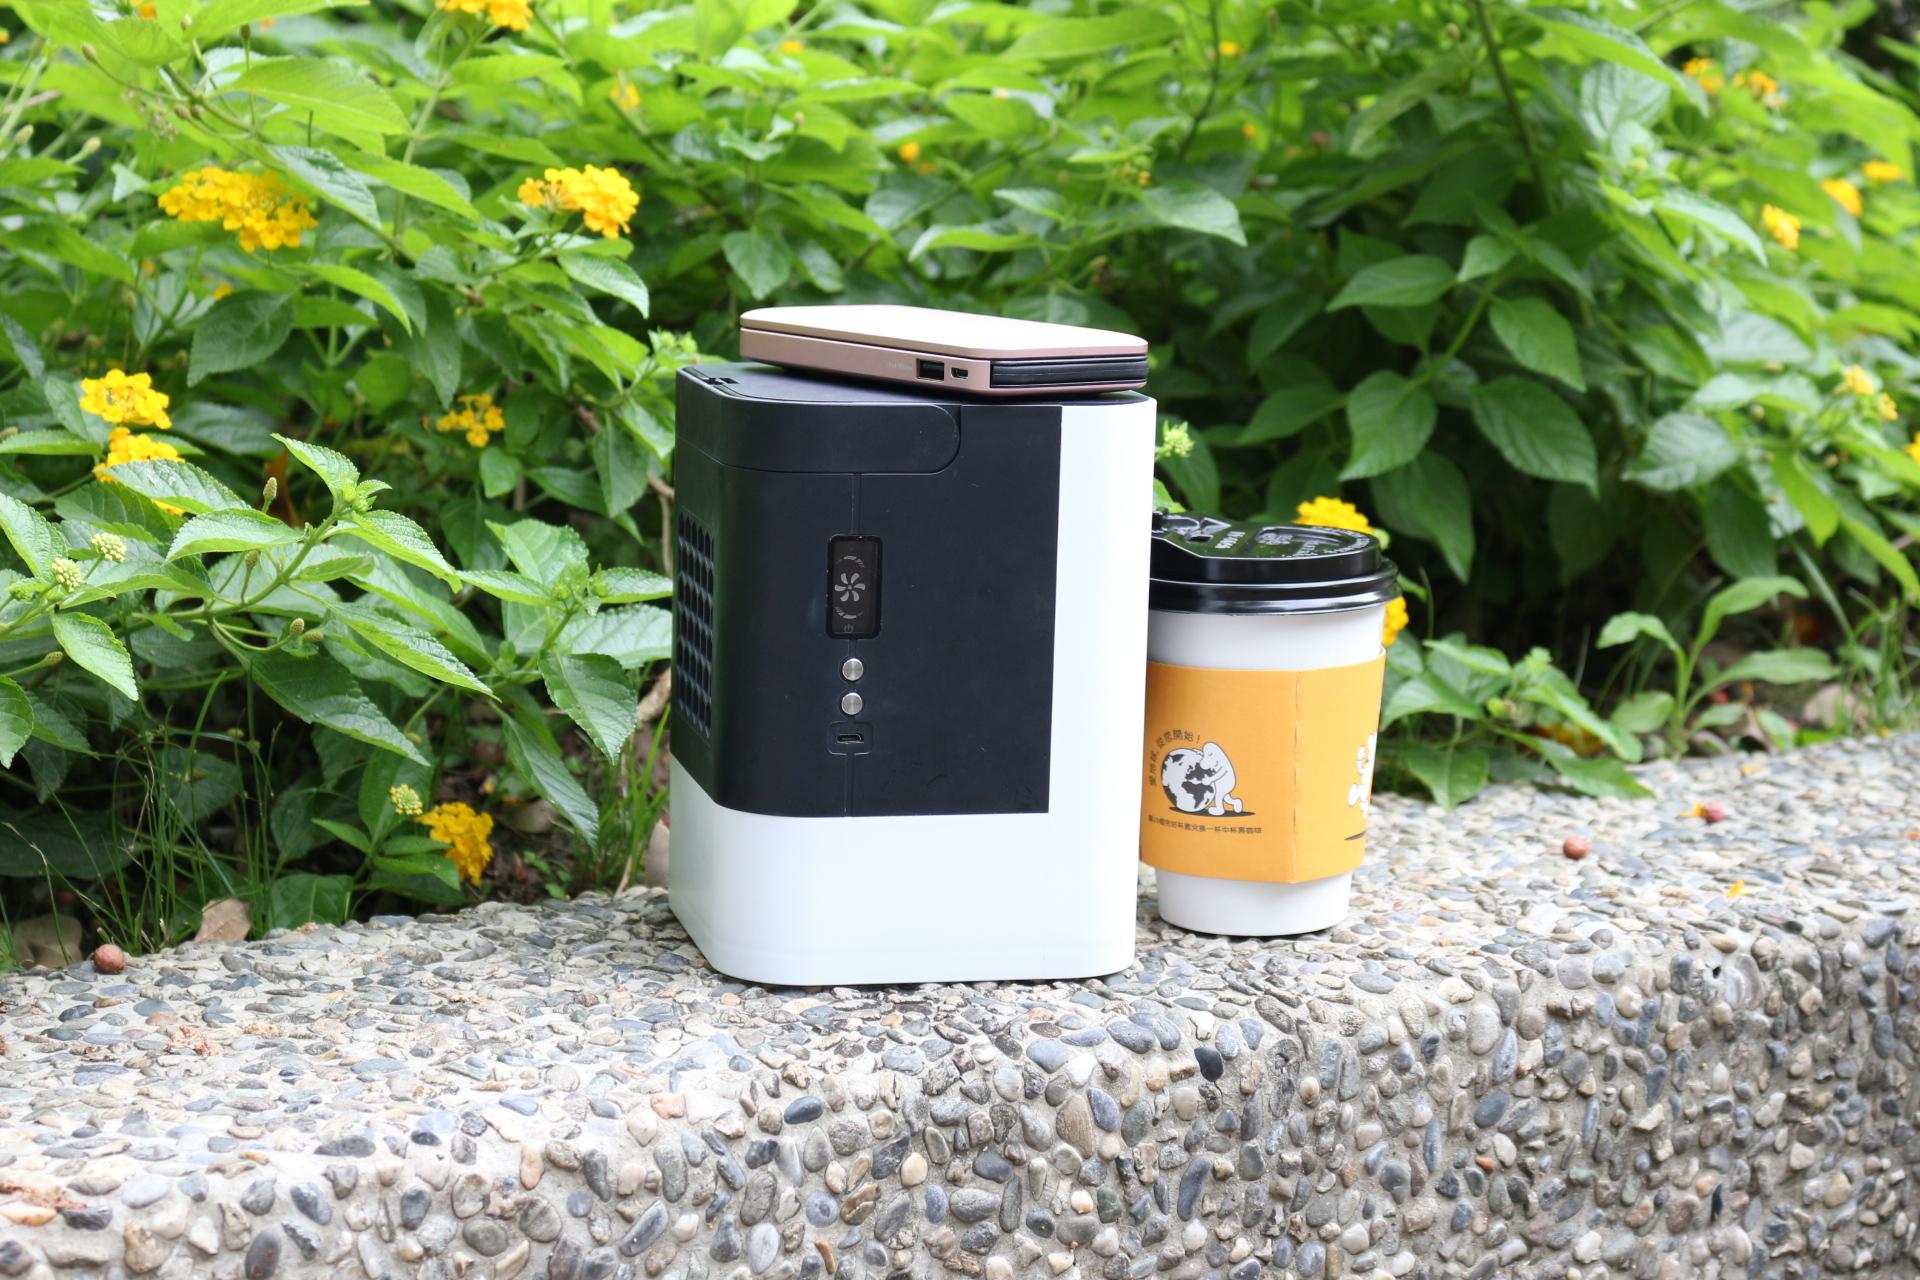 这个夏天不在热!IDI便携式迷你空调带你随时随地享受凉感